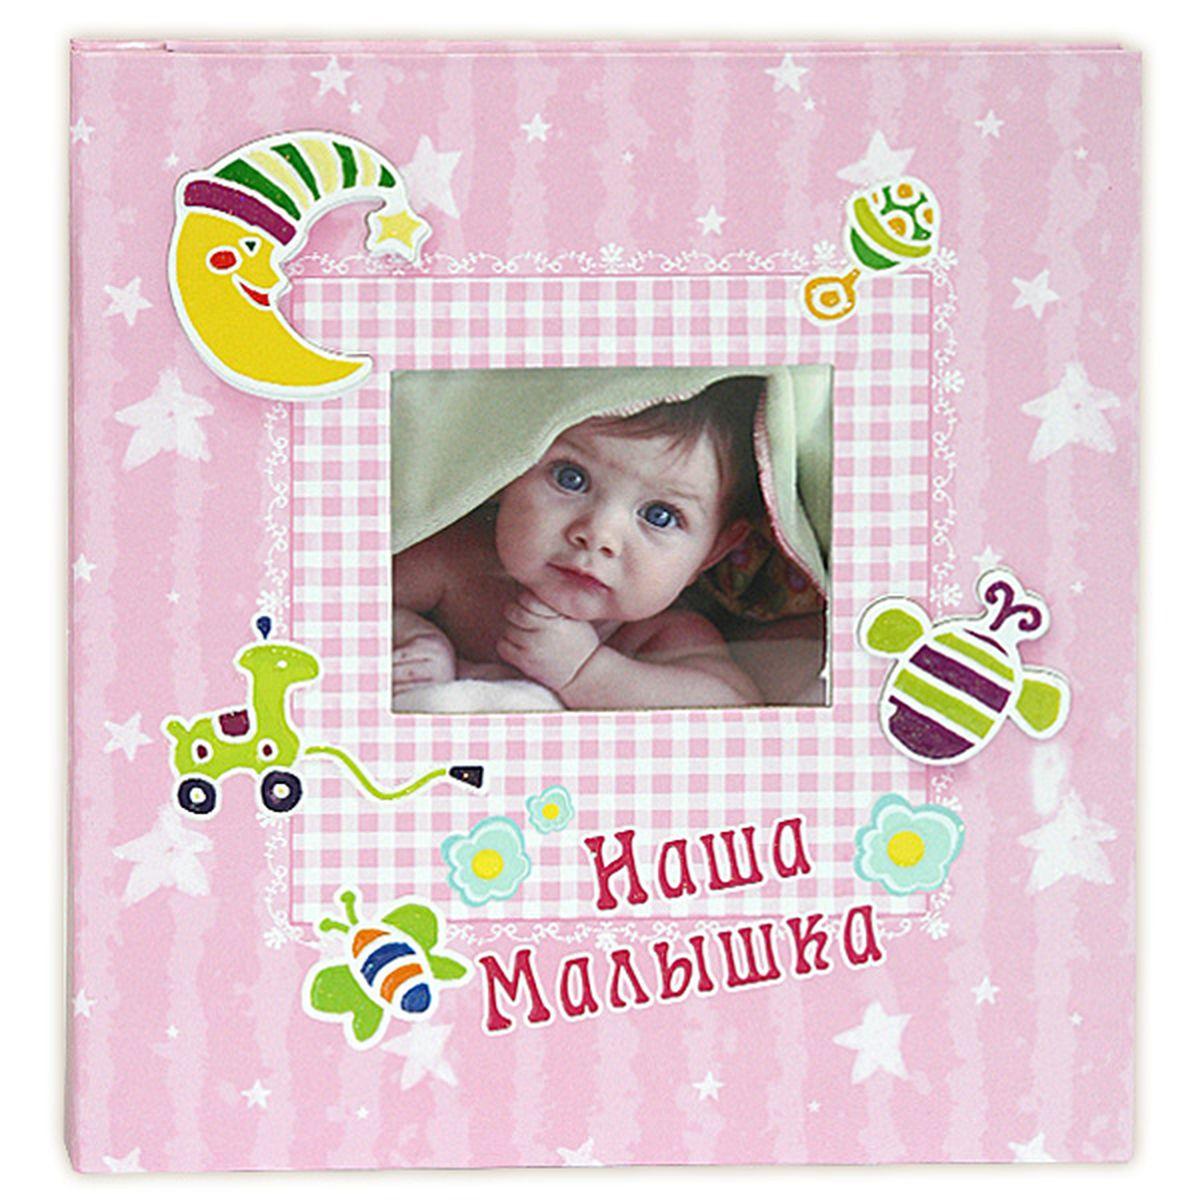 Фотокнига Pioneer Our Baby 6, 26 x 28 см. 46418 FA46418 FAФотокнига Pioneer Our Baby 6 позволит вам запечатлеть моменты жизни вашего ребенка. Изделие выполнено из картона и плотной бумаги, может быть использована для создания памятного альбома в технике скрапбукинг. В книге находятся страницы-анкеты для заполнения и рамка для фото. Тип скрепления: спиральФормат фотографий: 26 х 28 смМатериал страниц: бумагаТип страниц: магнитный